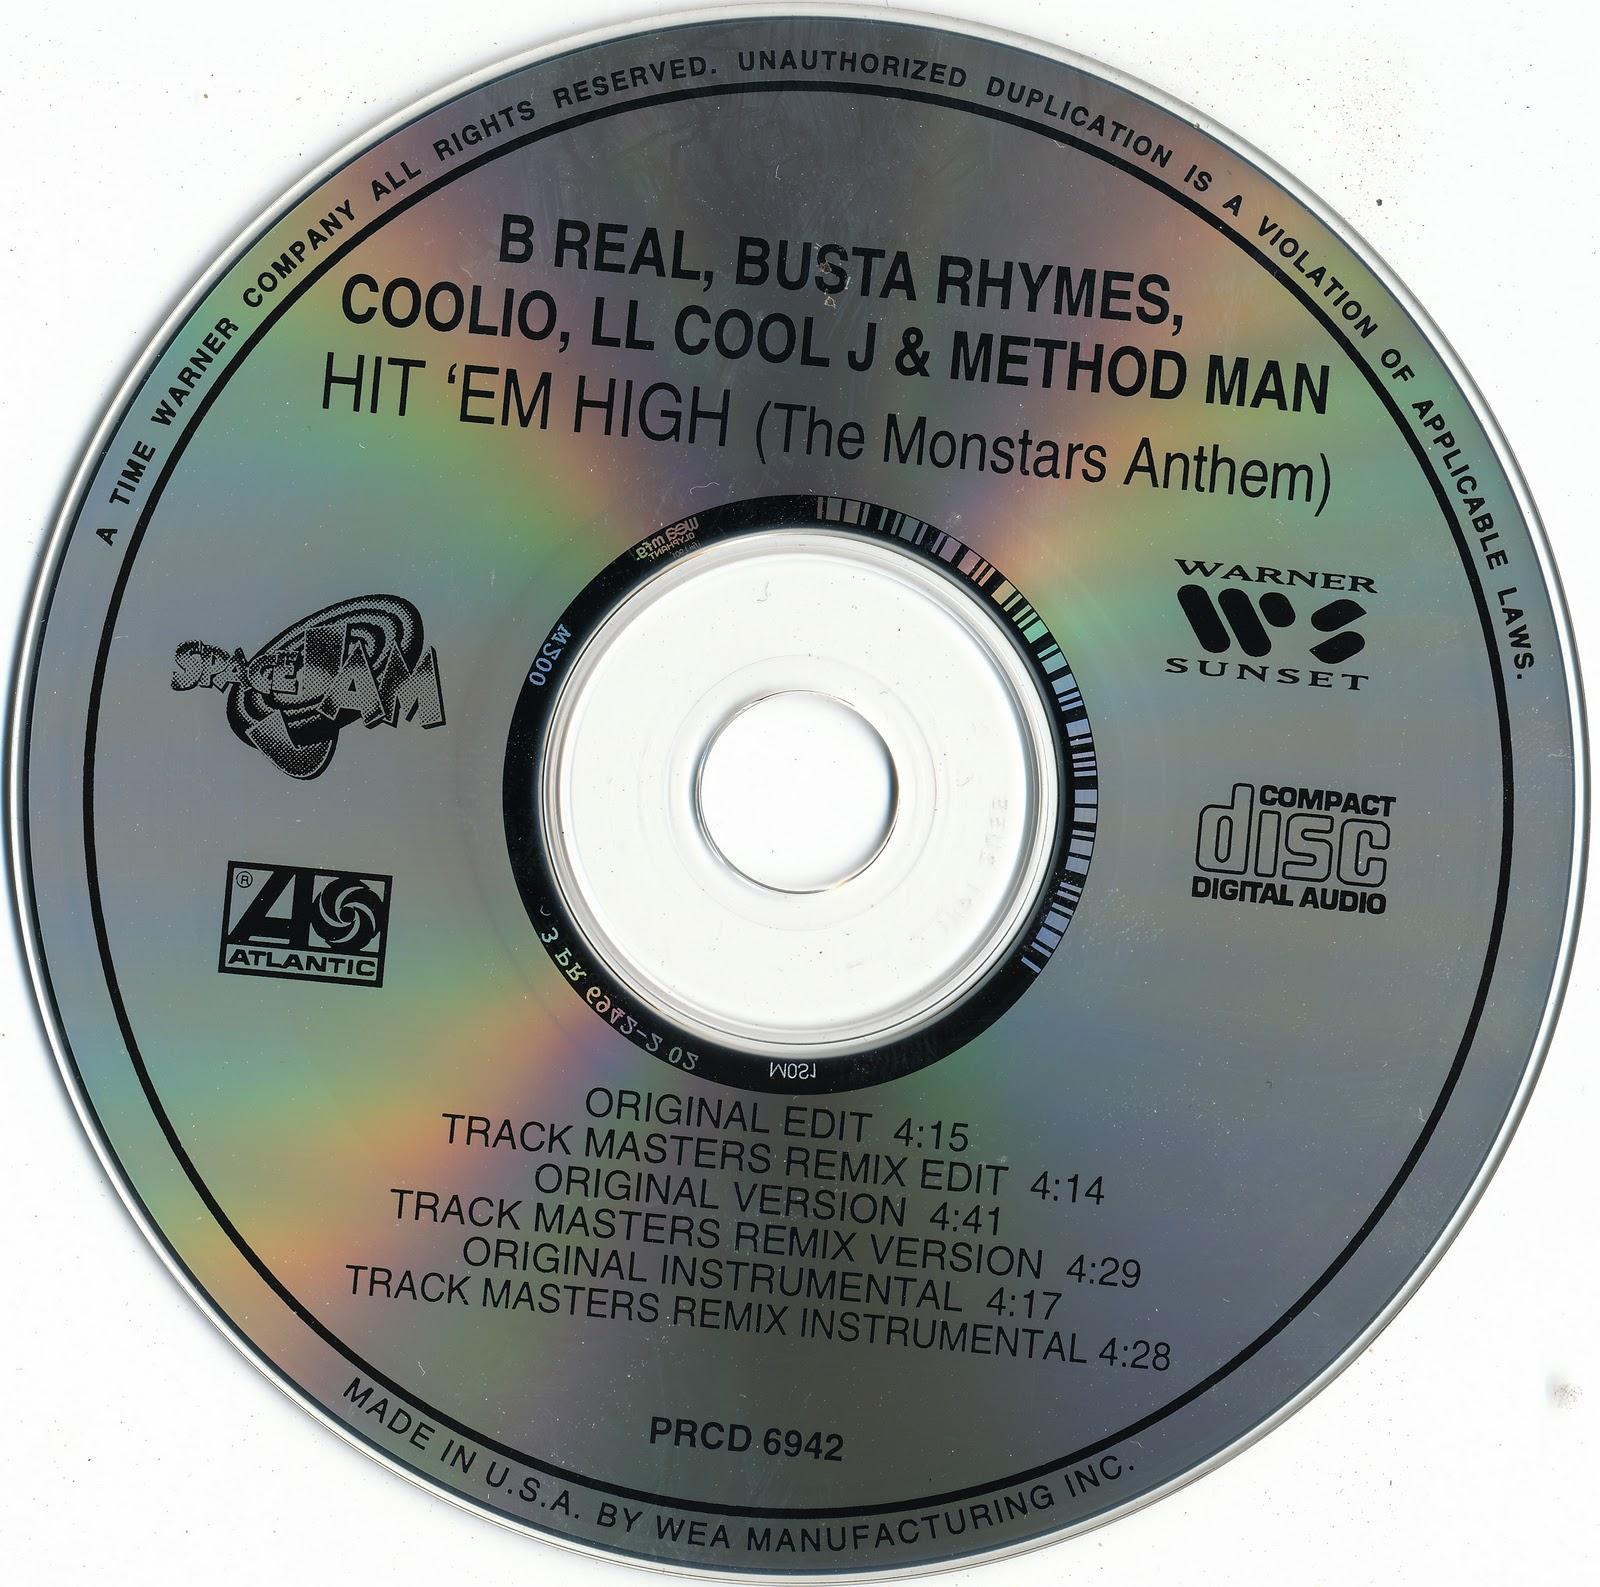 http://1.bp.blogspot.com/_7aFG1JabCYY/TTpXhngzrpI/AAAAAAAAAHM/lolMNB16Q1U/s1600/B+Real+Hit+CD.jpg